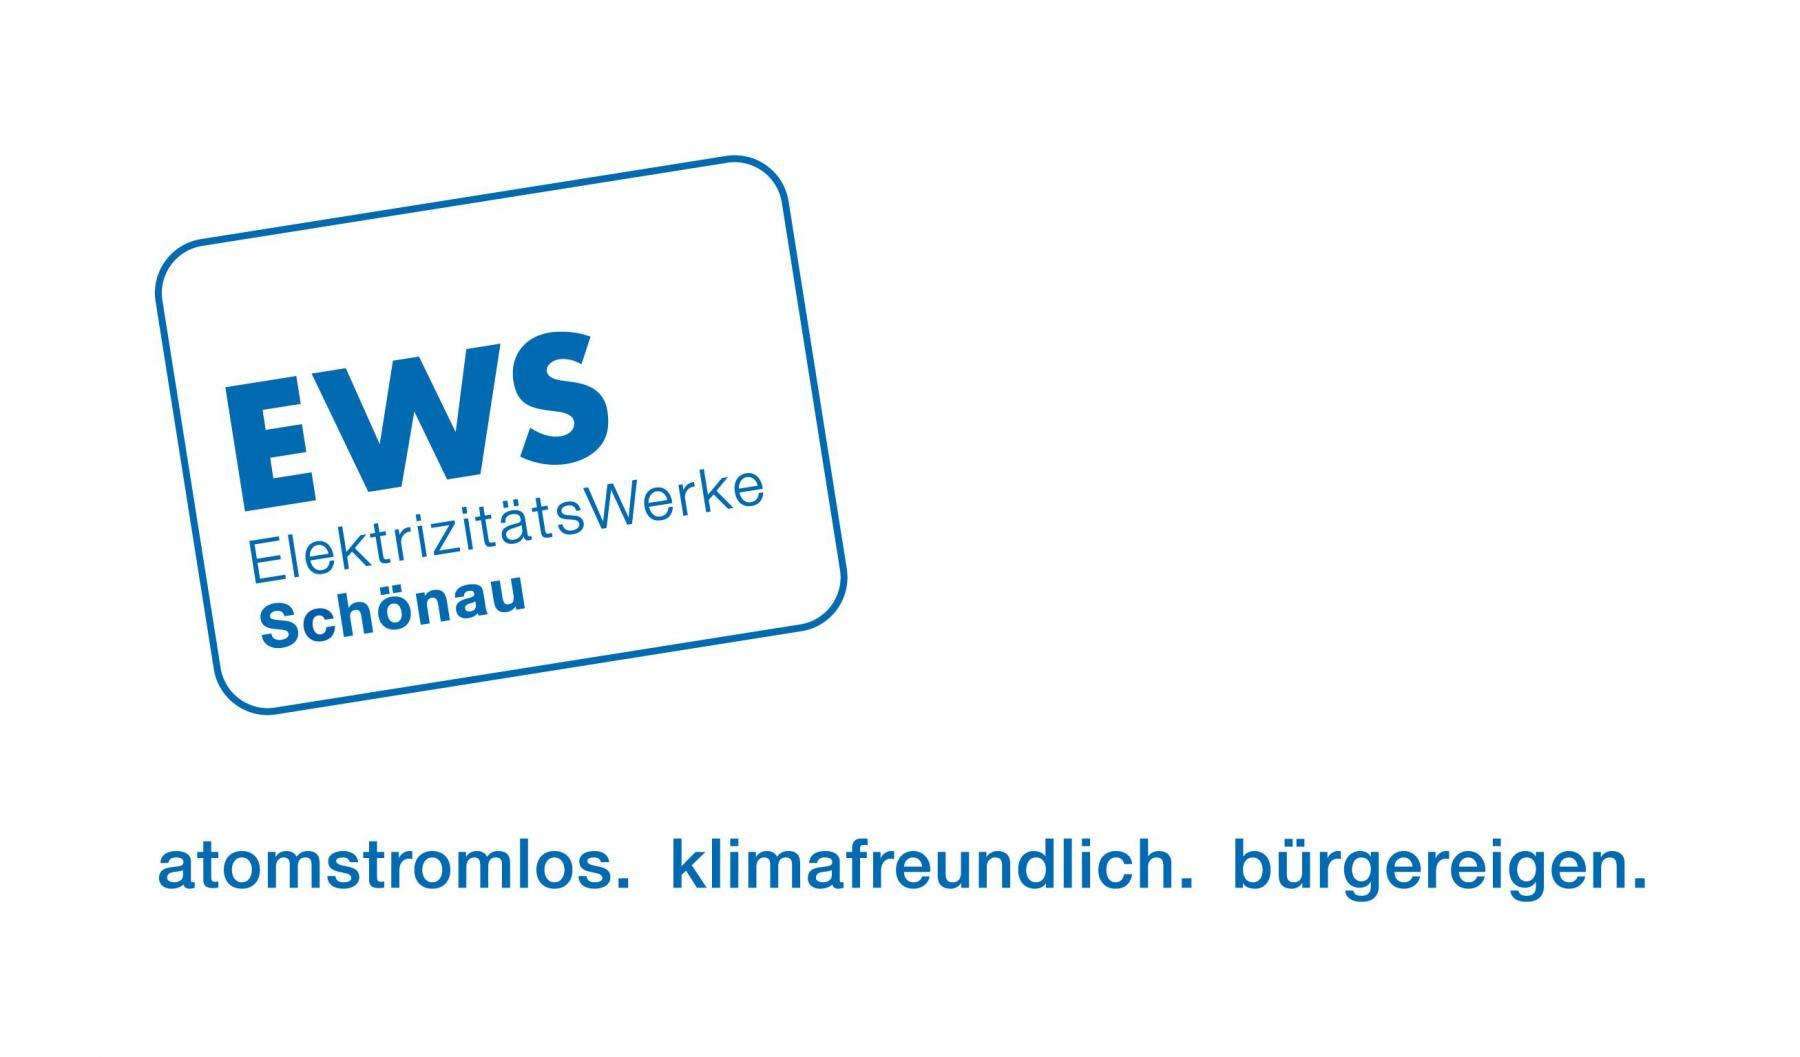 EWS Elektrizitätswerk Schönau atomstromlos. klimafreundlich. bürgereigen.